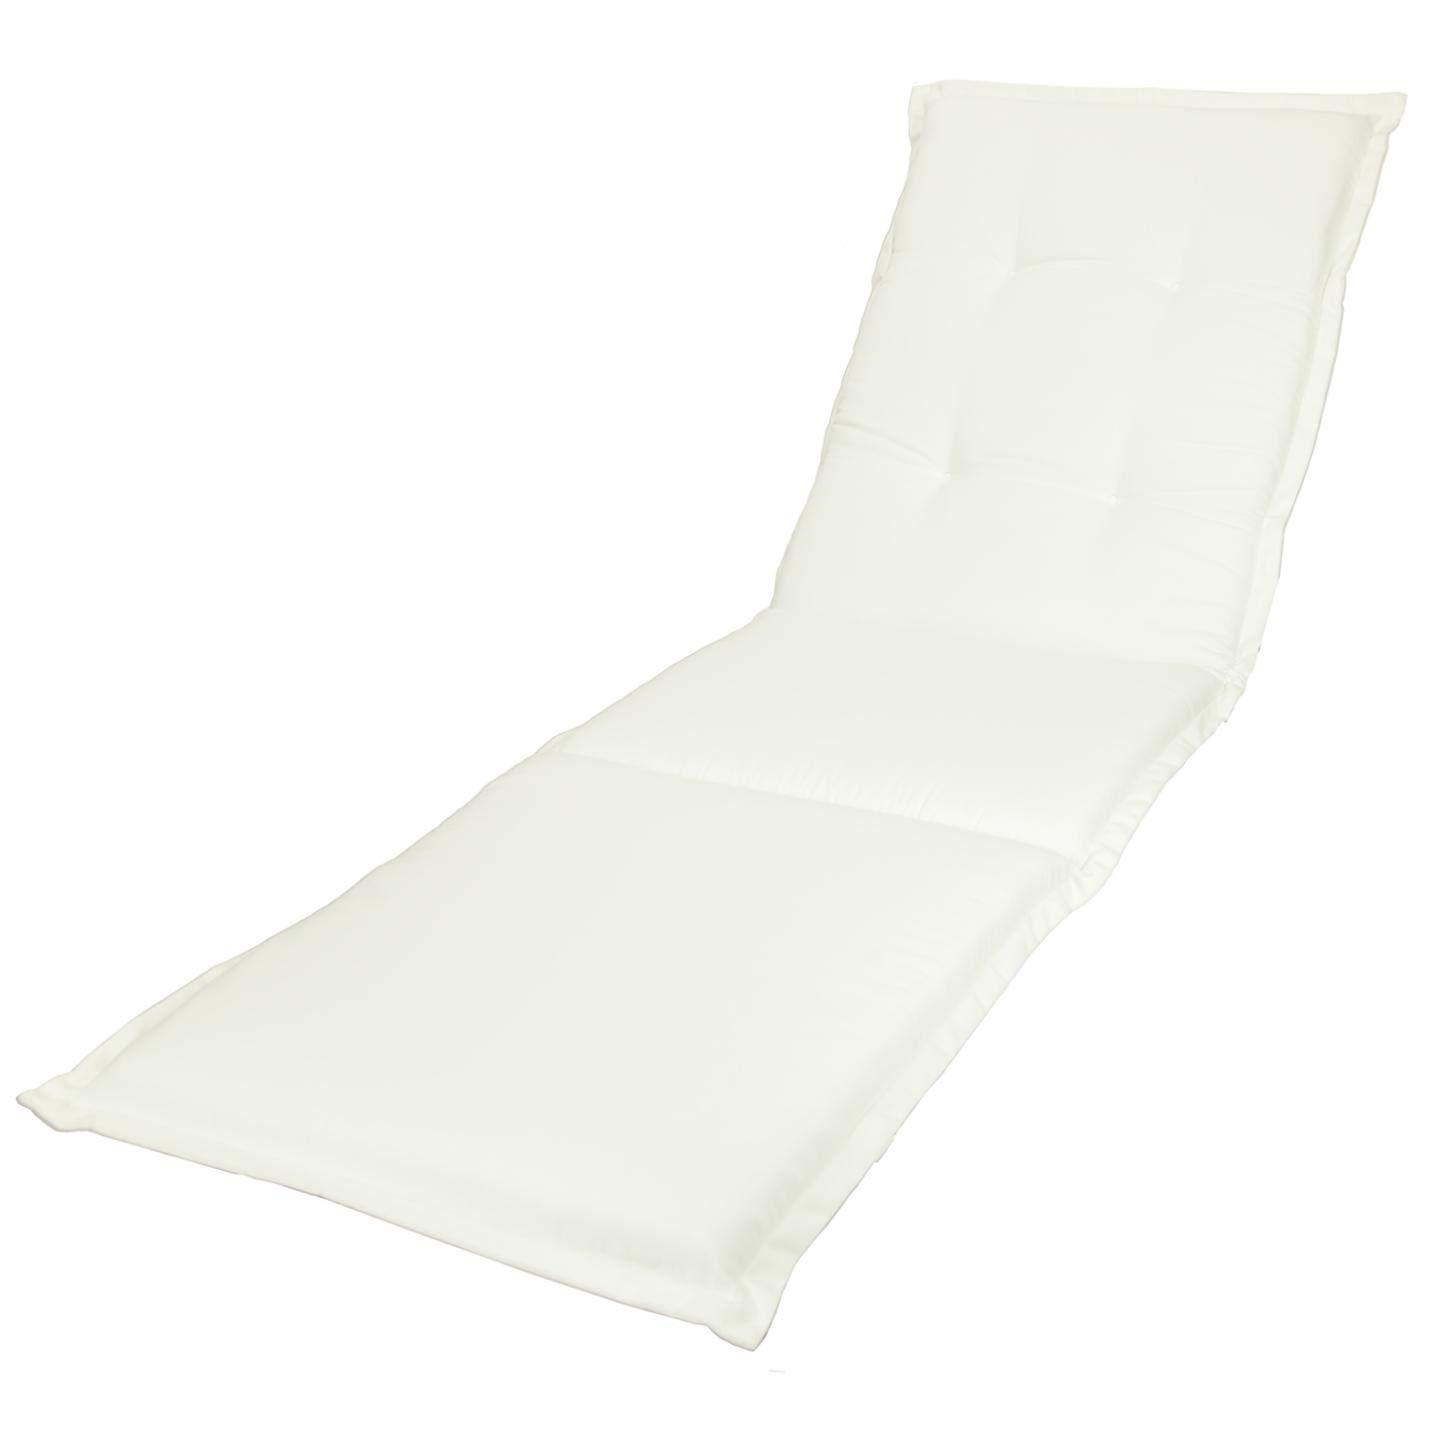 KOPU® Auflage Gartenliege Prisma Ivory   Liegenauflagen für Gartenmöbel   Weiß Liegen Kissen 195 x 60 cm   19 einfache Farben   Robuster Schaumstoff für zusätzlichen Komfort